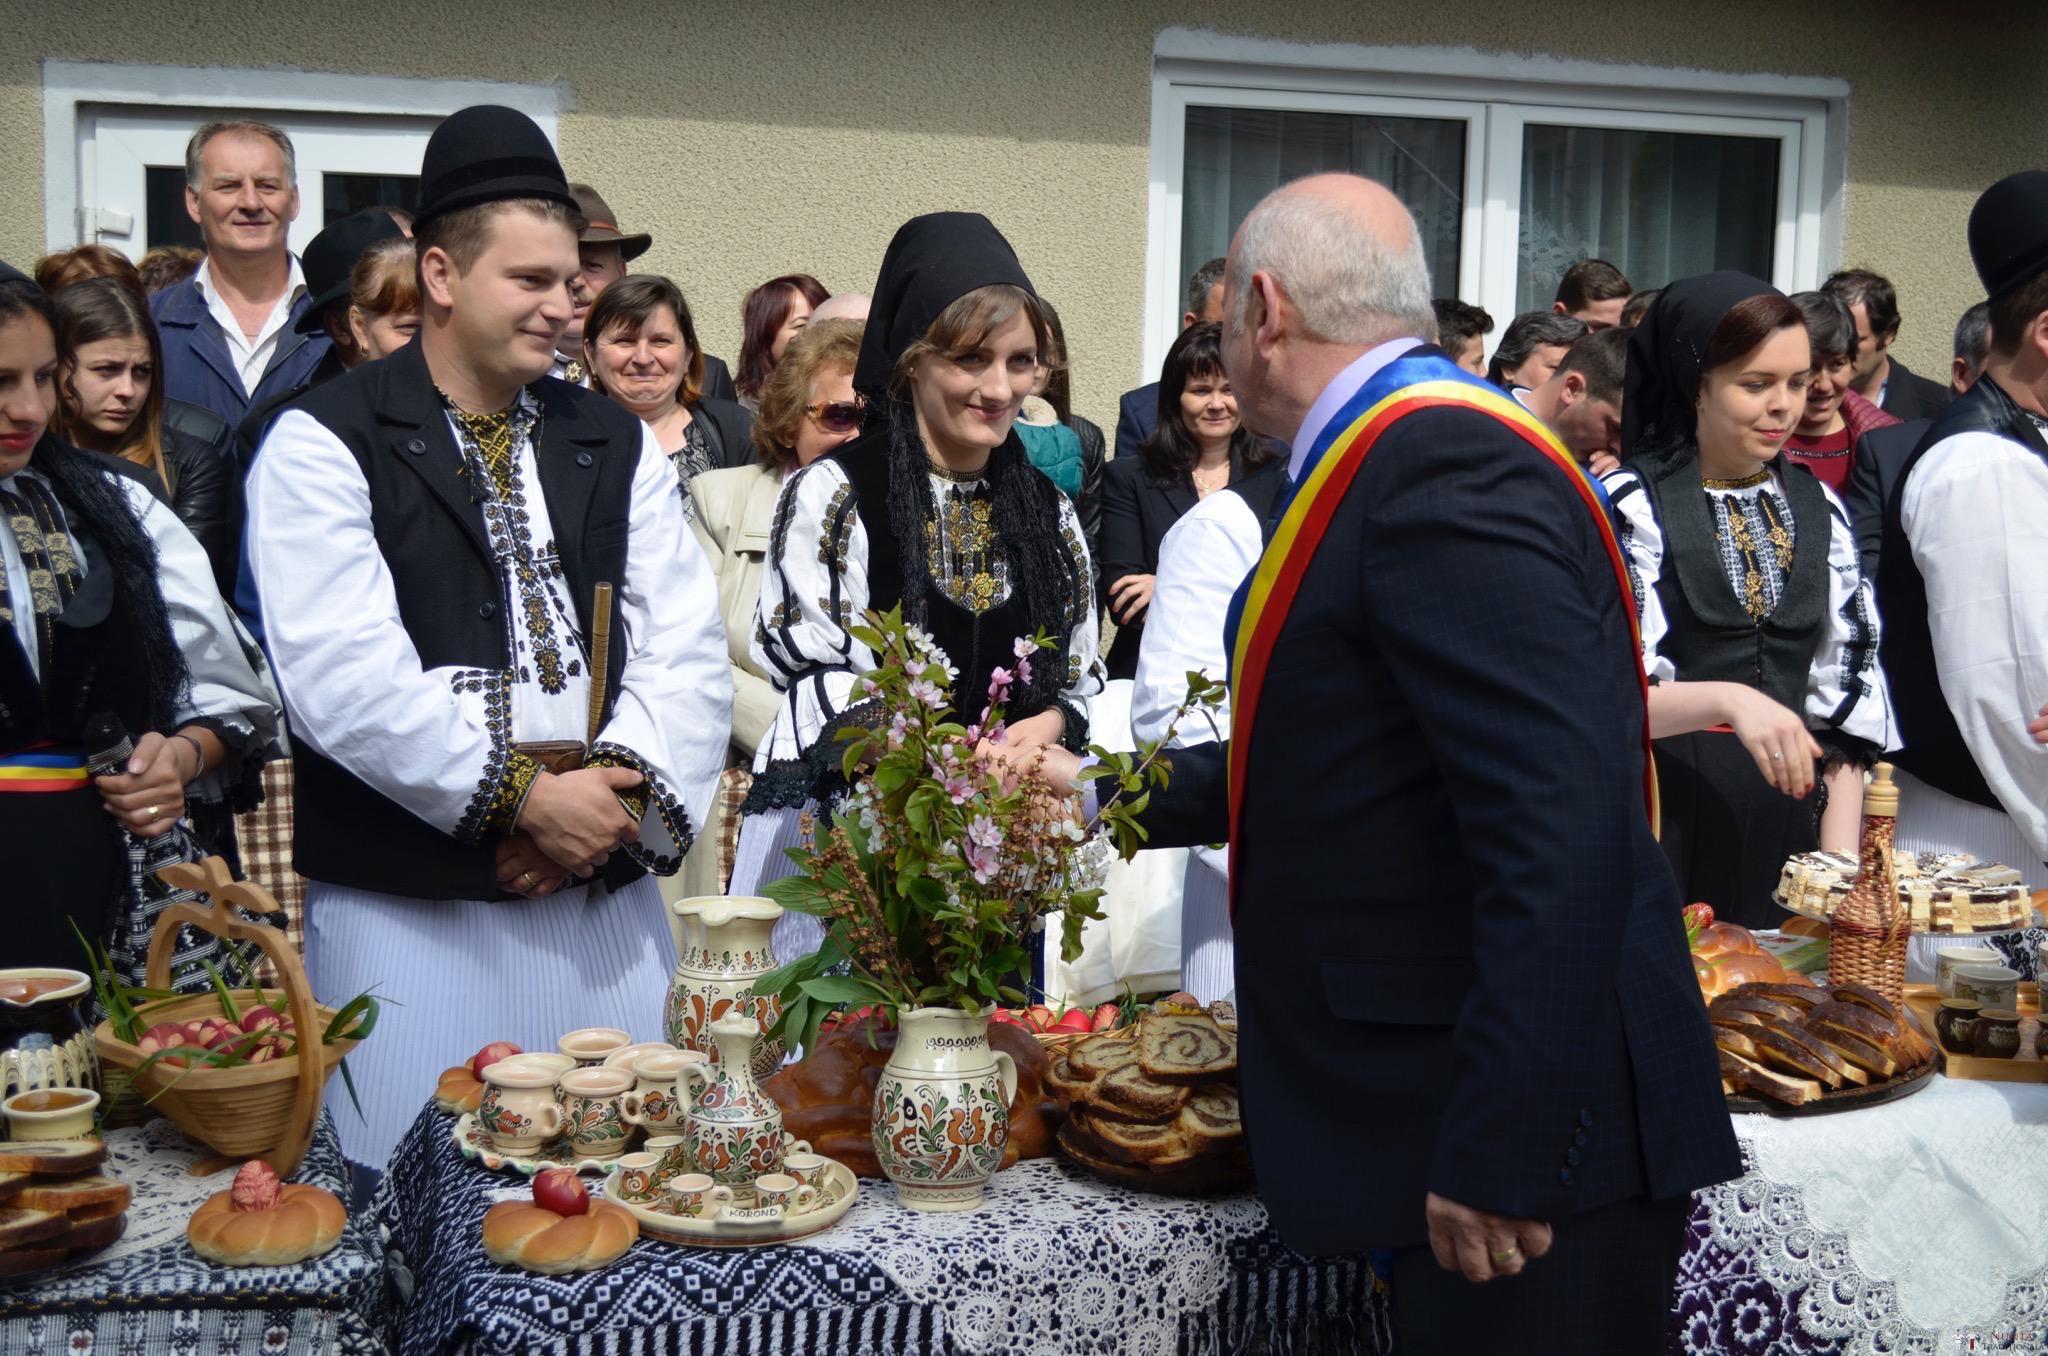 Povești Nunți Tradiționale - Constantin și Simona-Marilena. Nuntă tradițională în Căpâlna, Alba 71